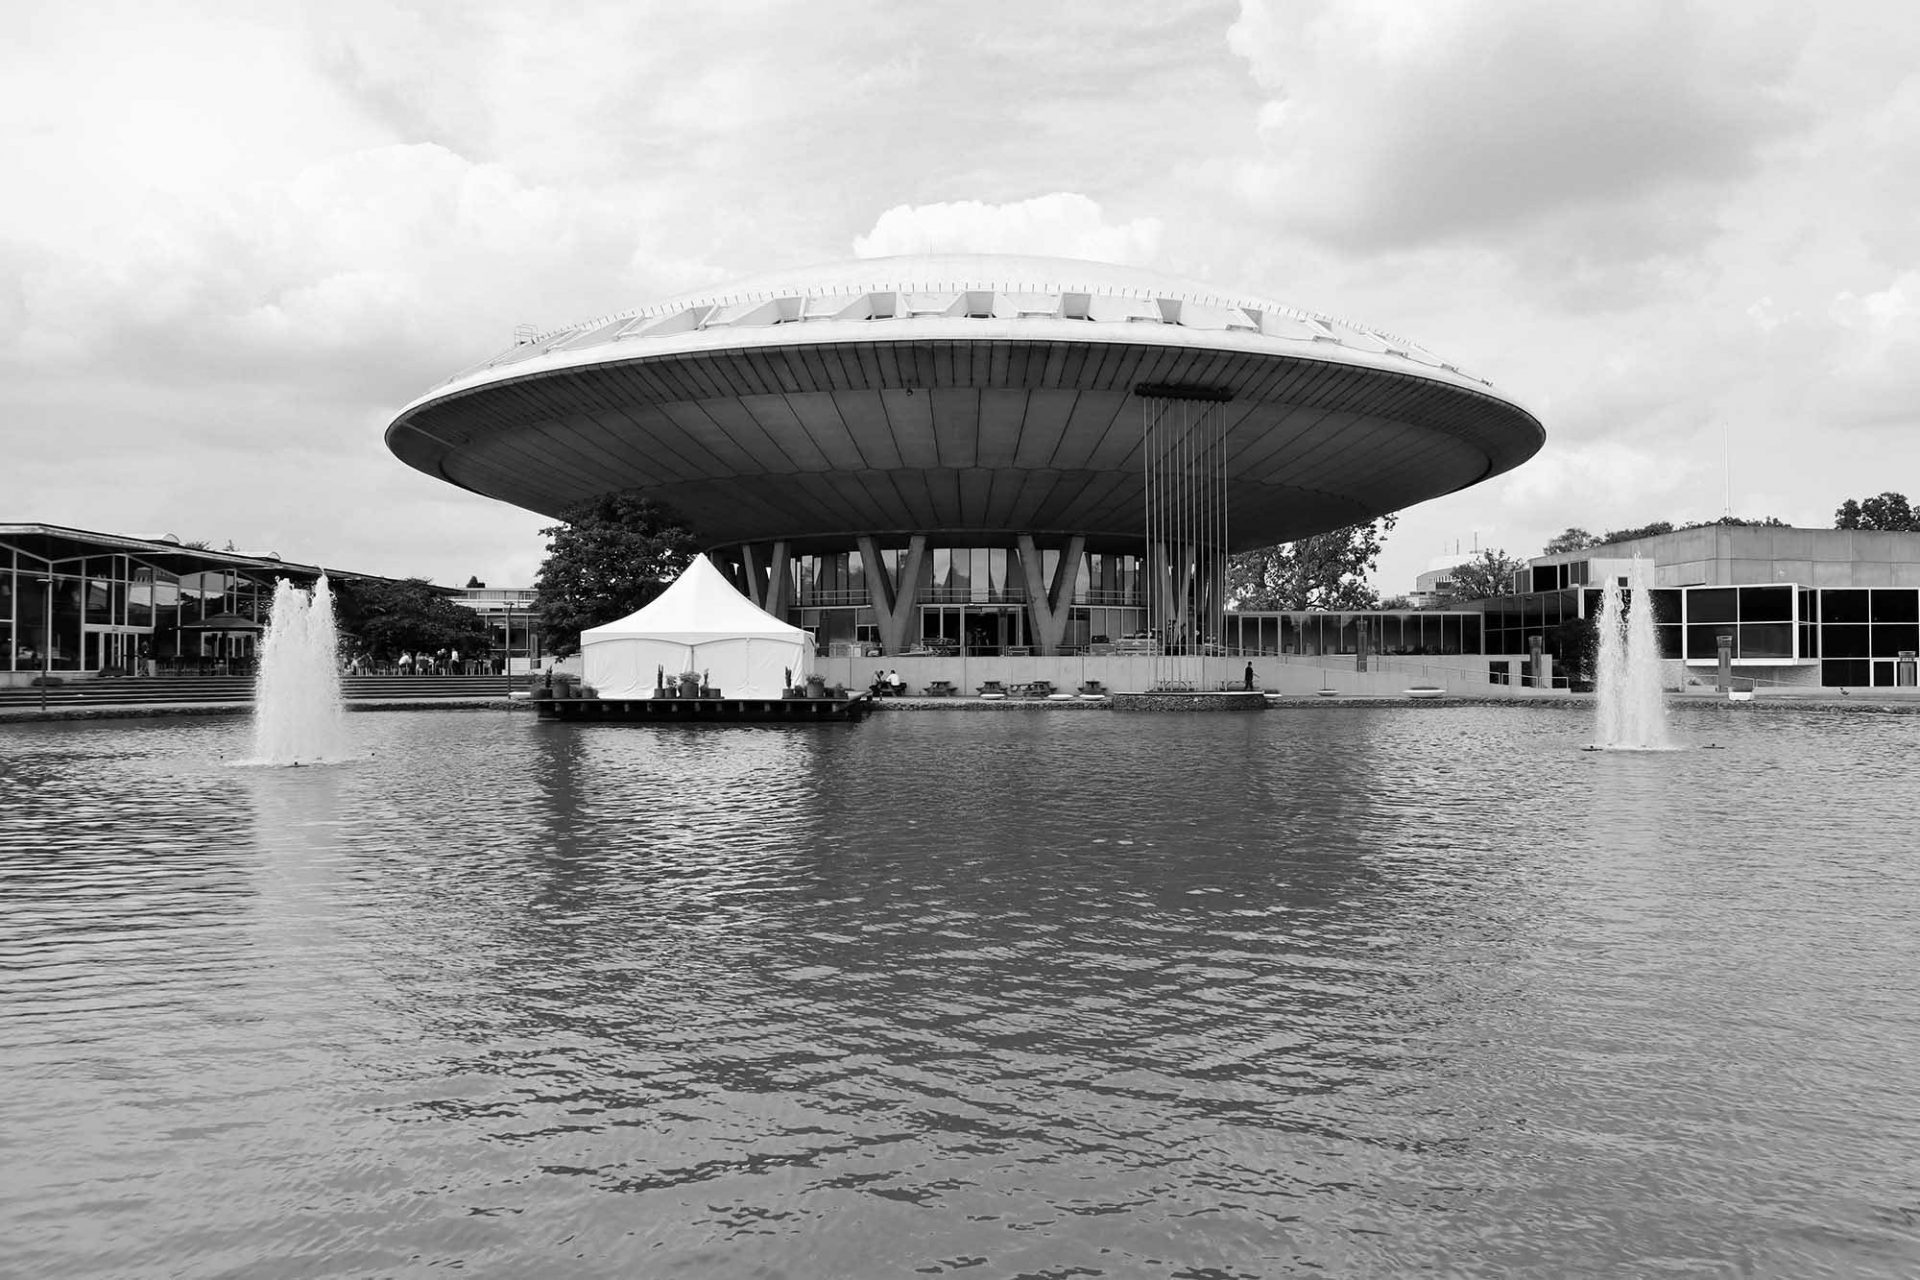 Evoluon. Ursprünglich als Technologiemuseum errichtet, dient es heute als Kongress- und Veranstaltungszentrum. Das soll sich bald ändern.